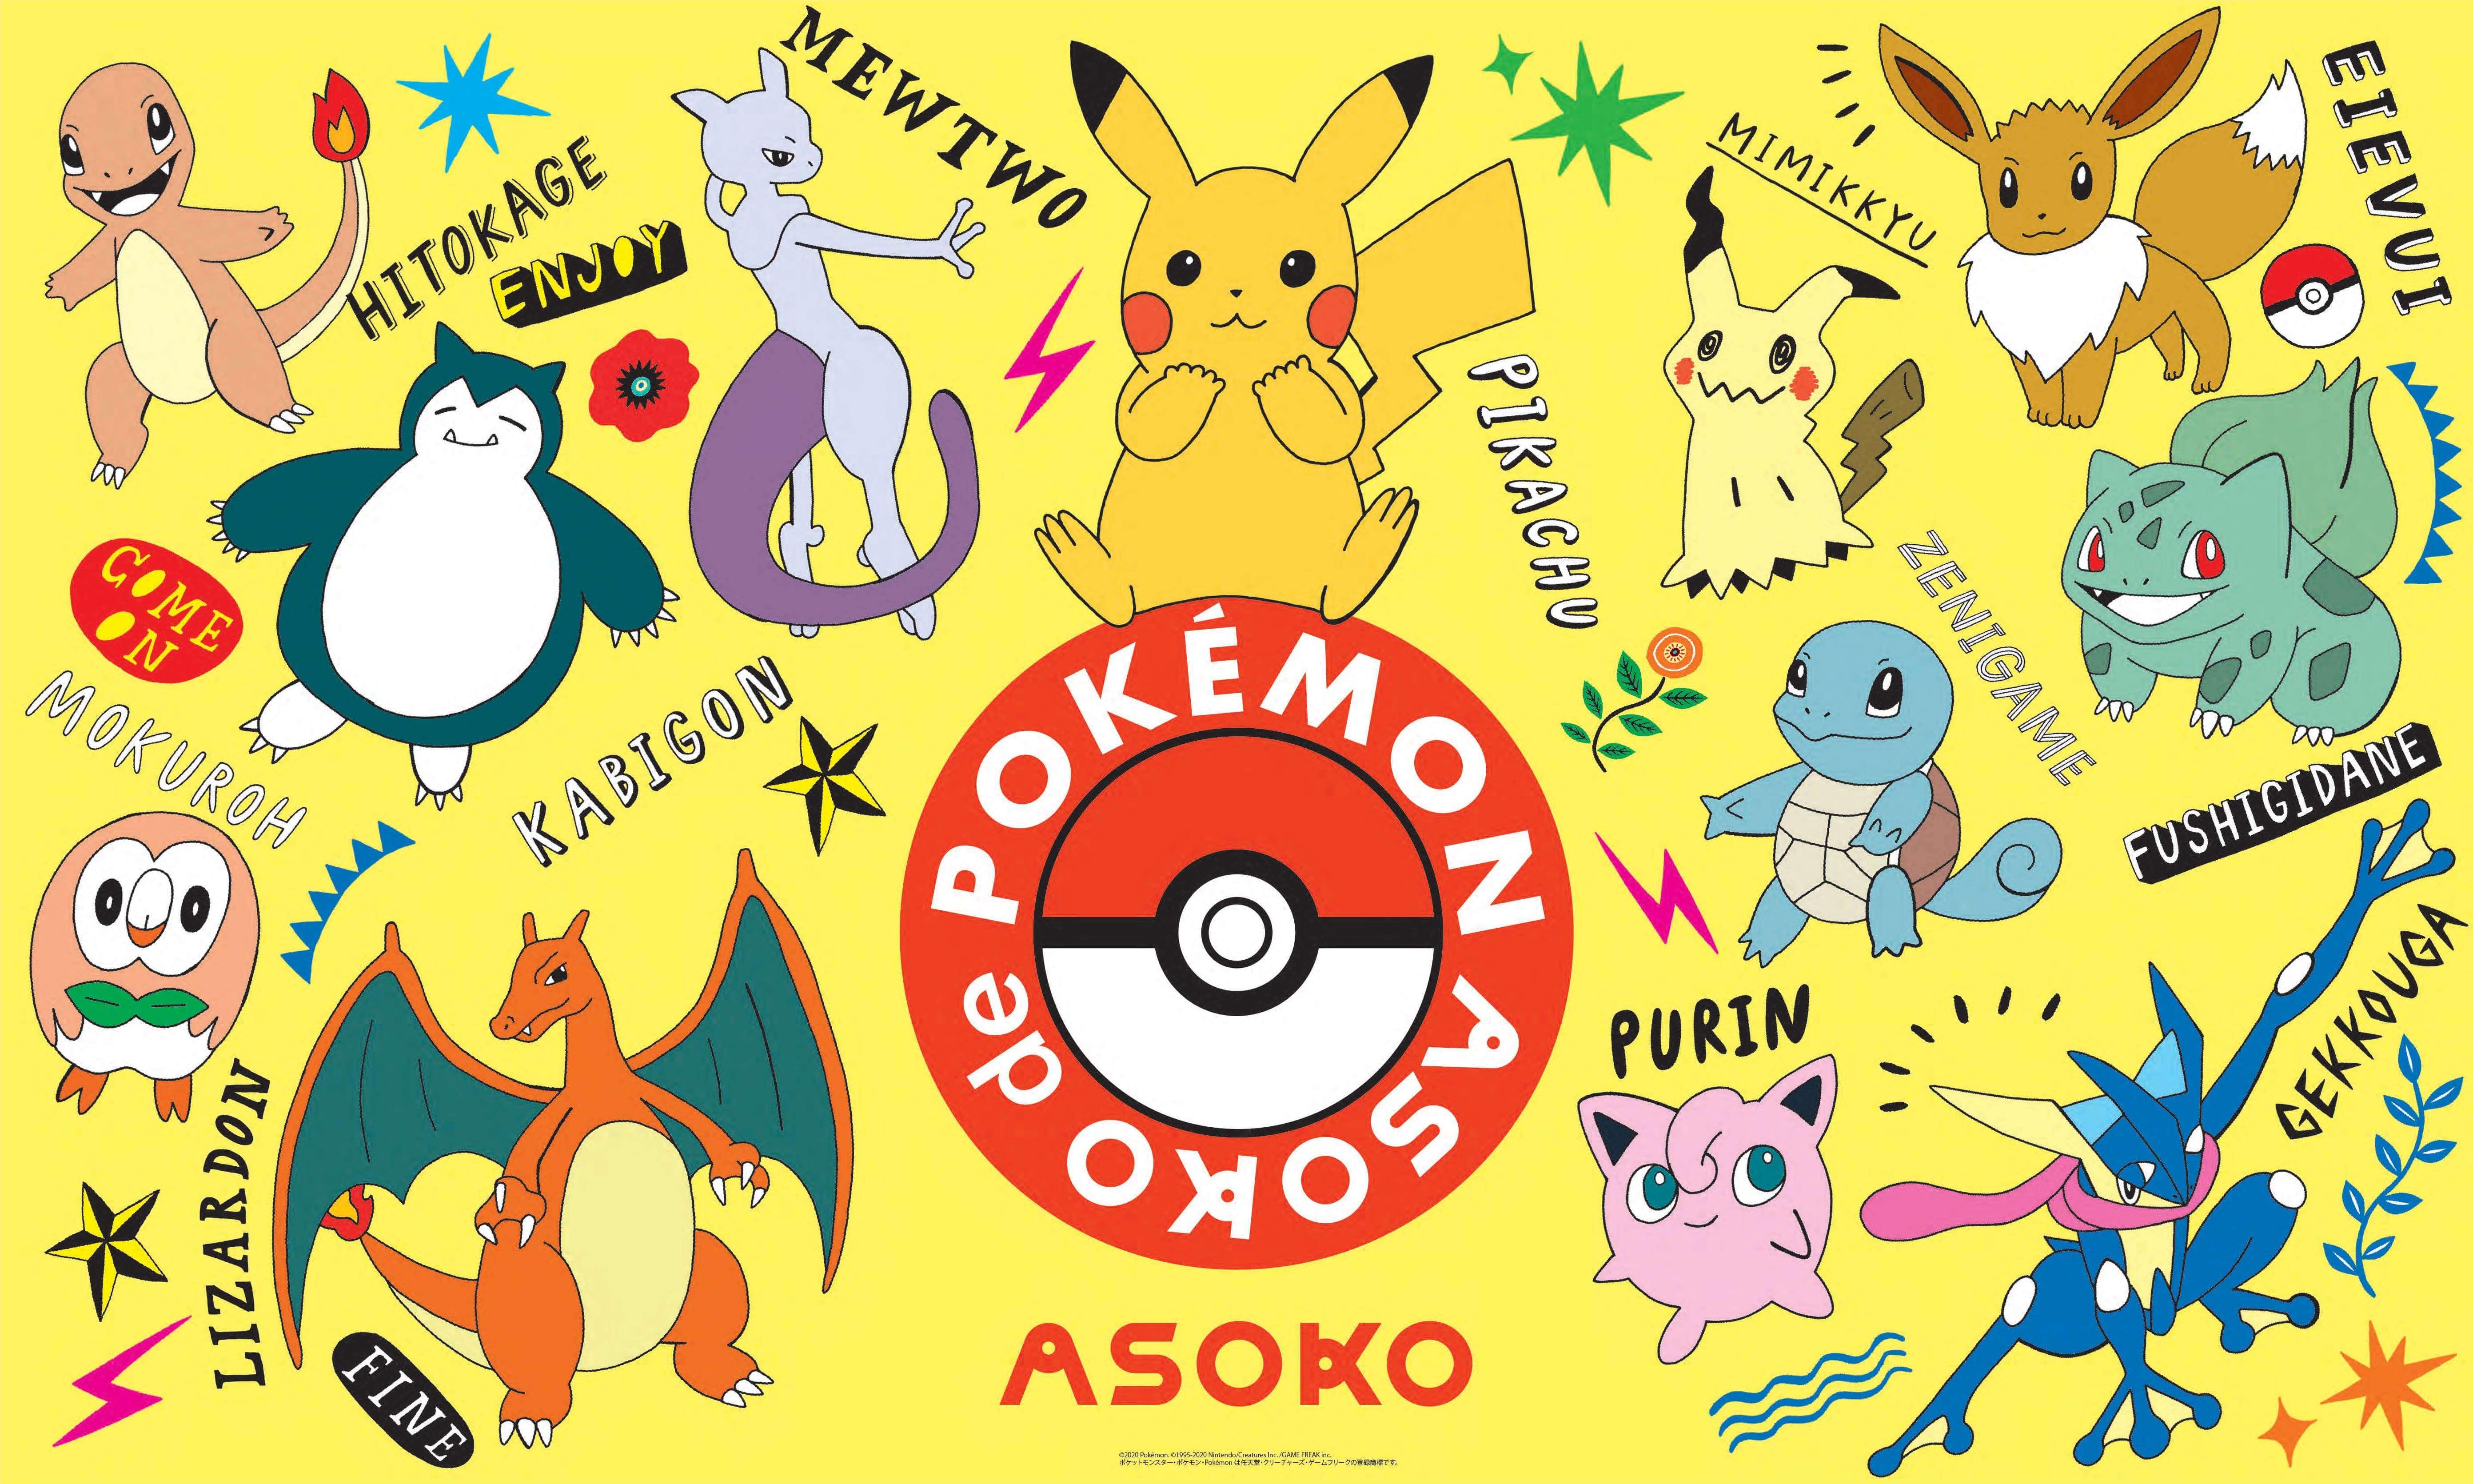 asoko-de-pokemon-%e3%83%9b%e3%82%9a%e3%82%b1%e3%83%a2%e3%83%b3-2